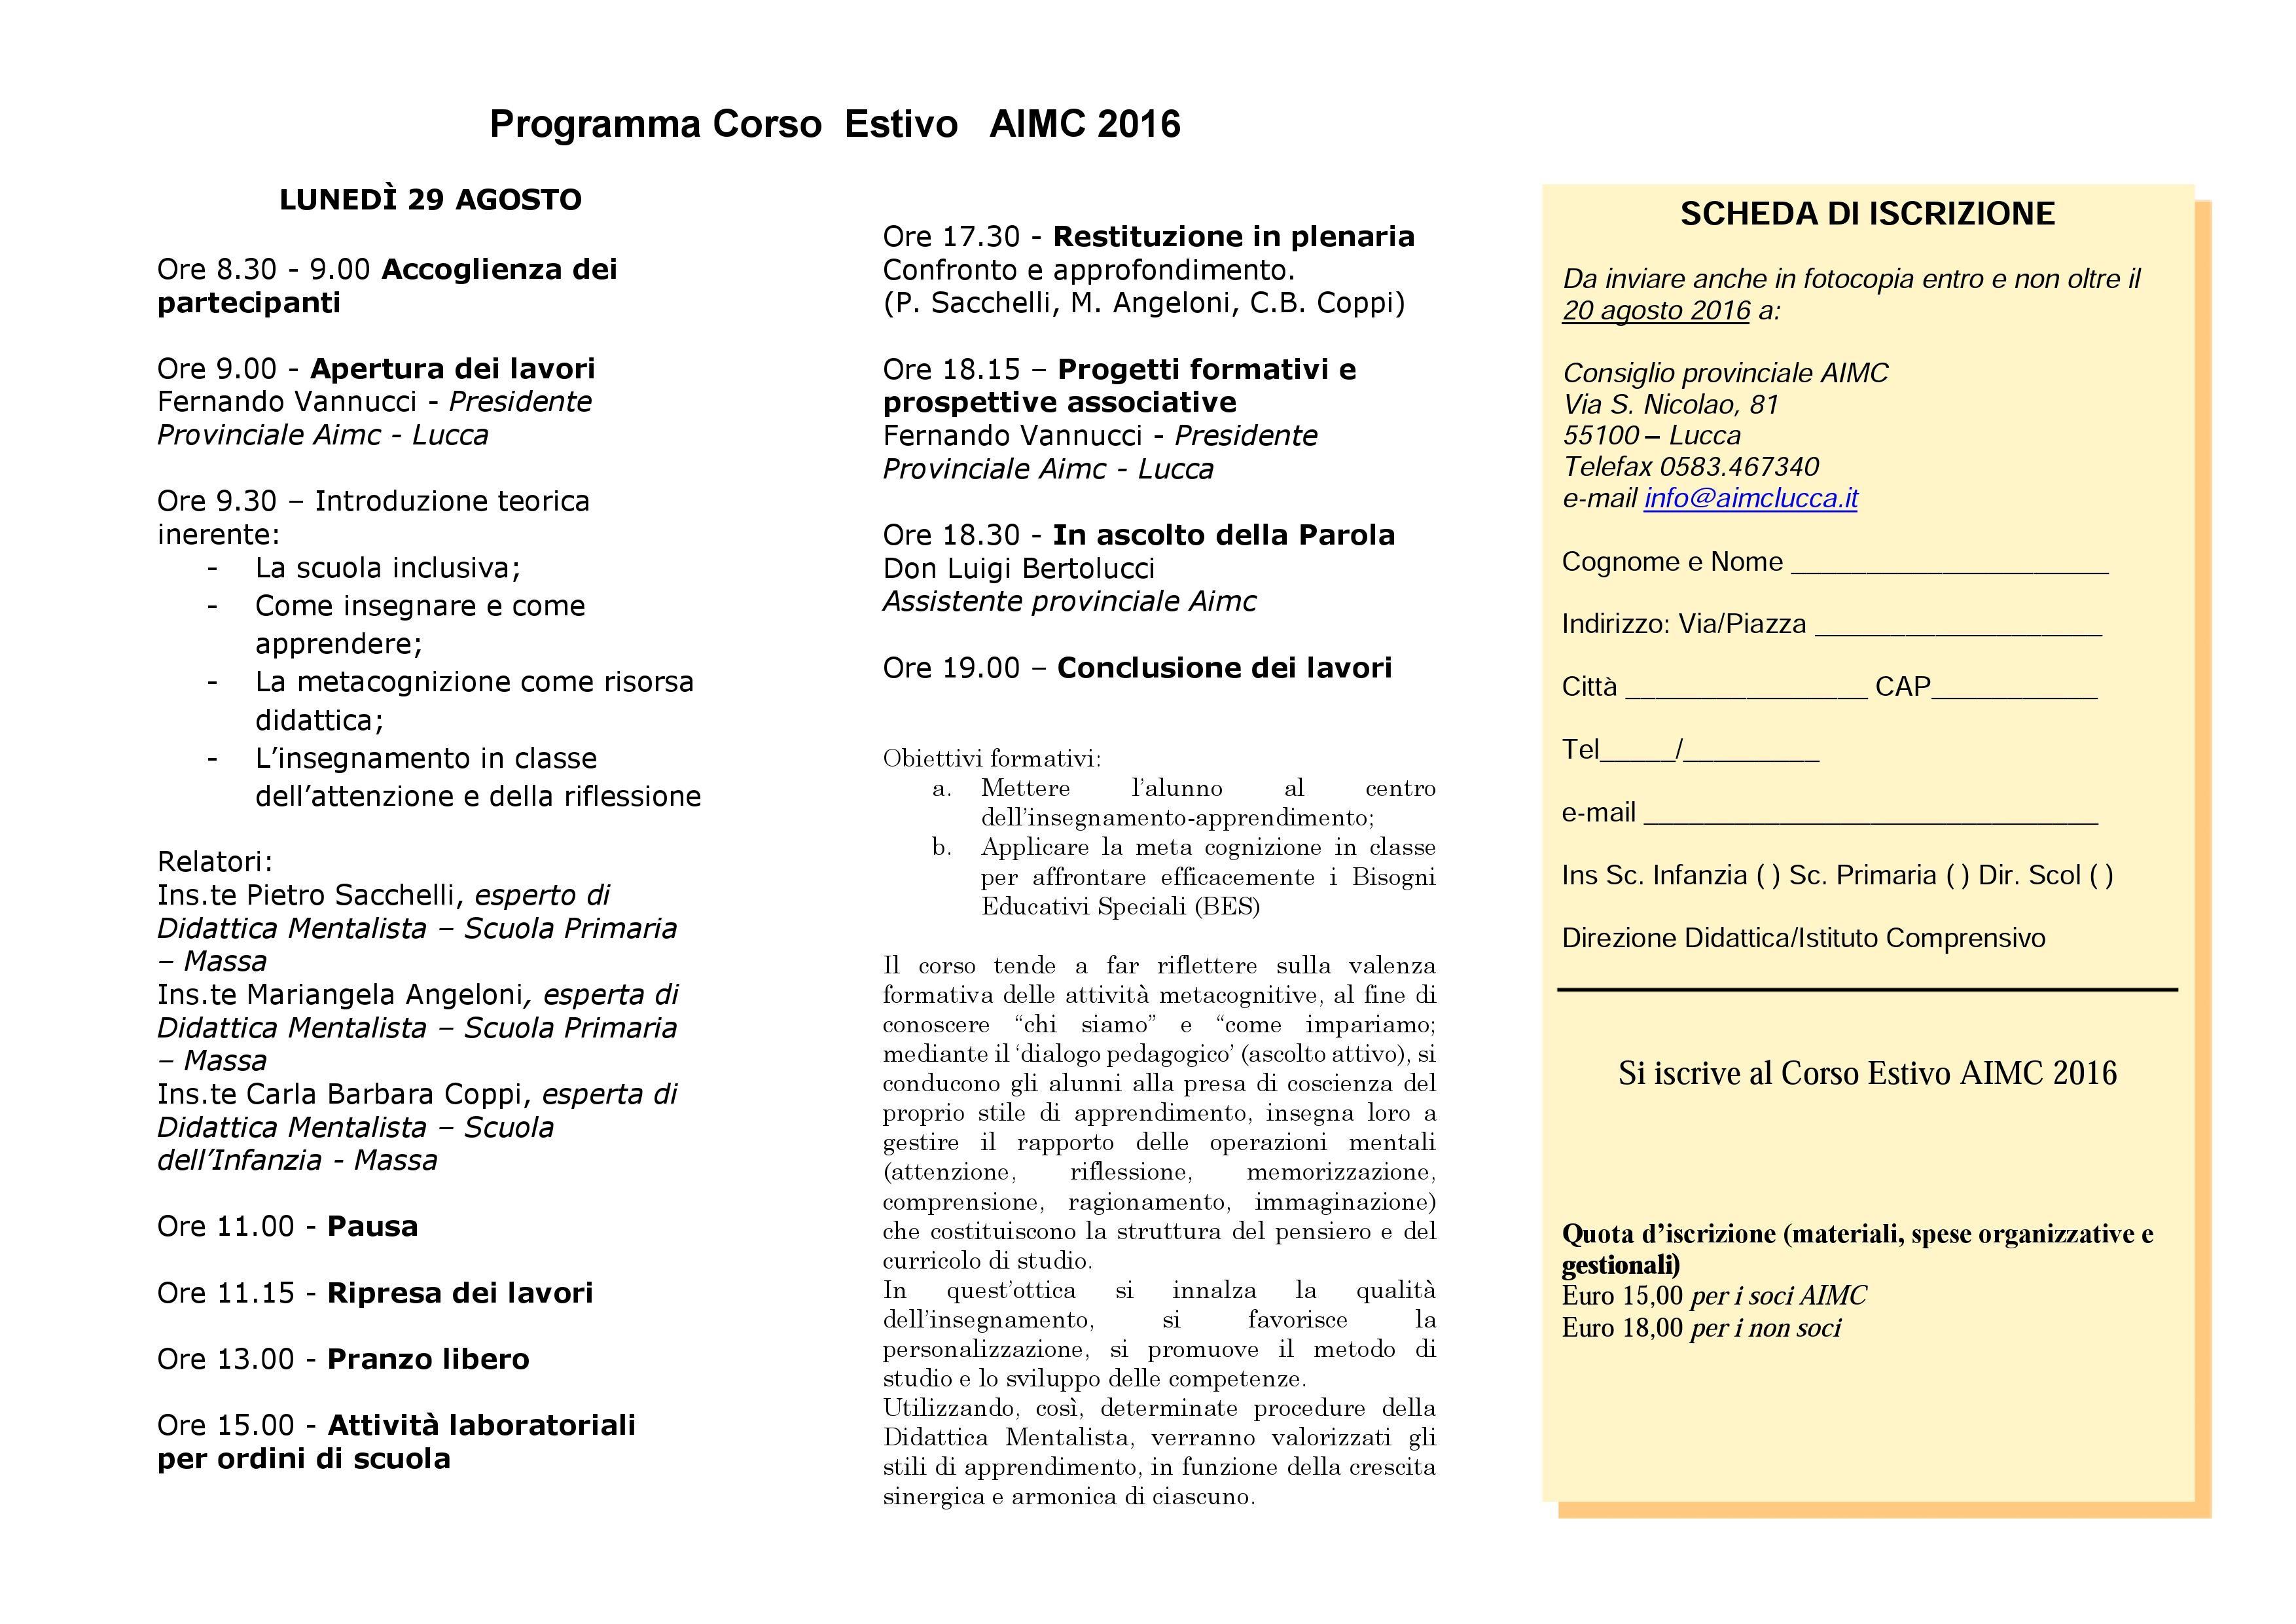 http://didatticamentalista.eu/wp-content/uploads/2016/06/corso-estivo-2-2016.jpg